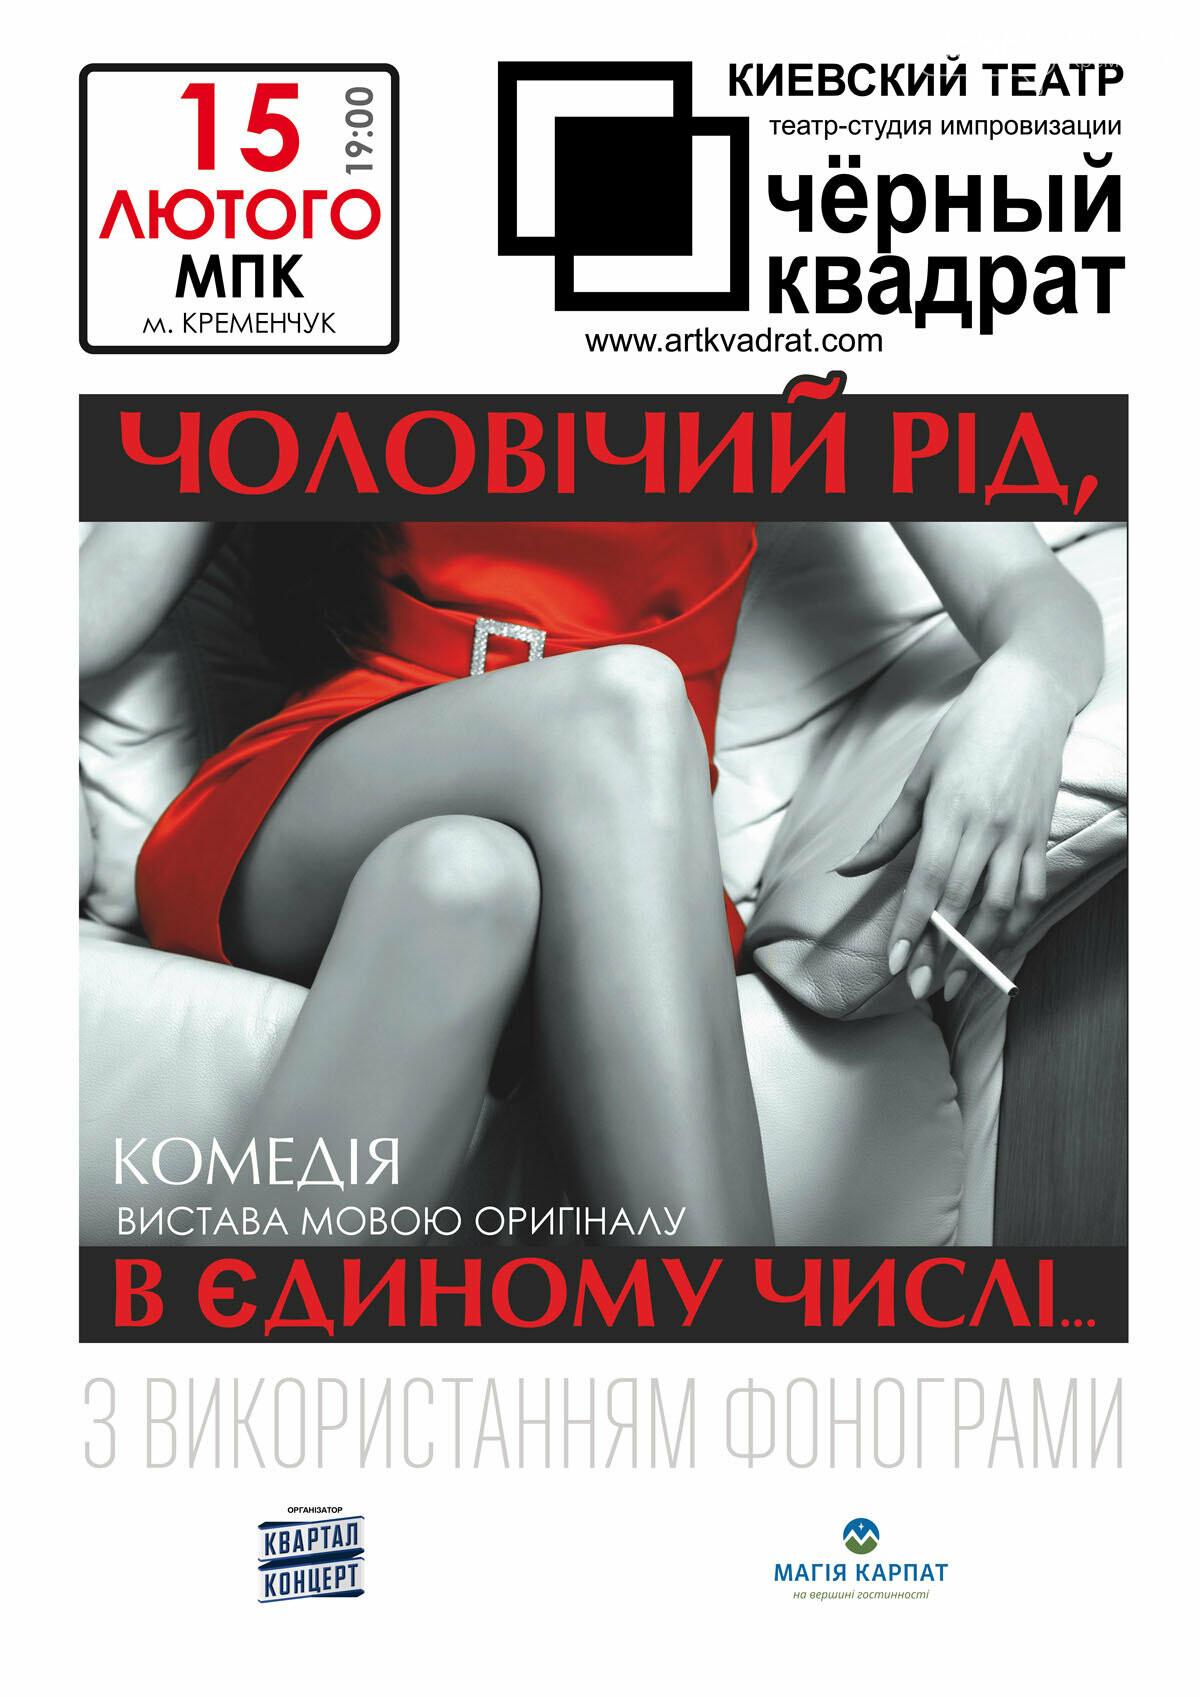 """Зустрічайте блискучу комедію """"Чоловічий рід в єдиному числі..."""" київського театра """"Чорний квадрат"""" в Кременчуці, фото-1"""